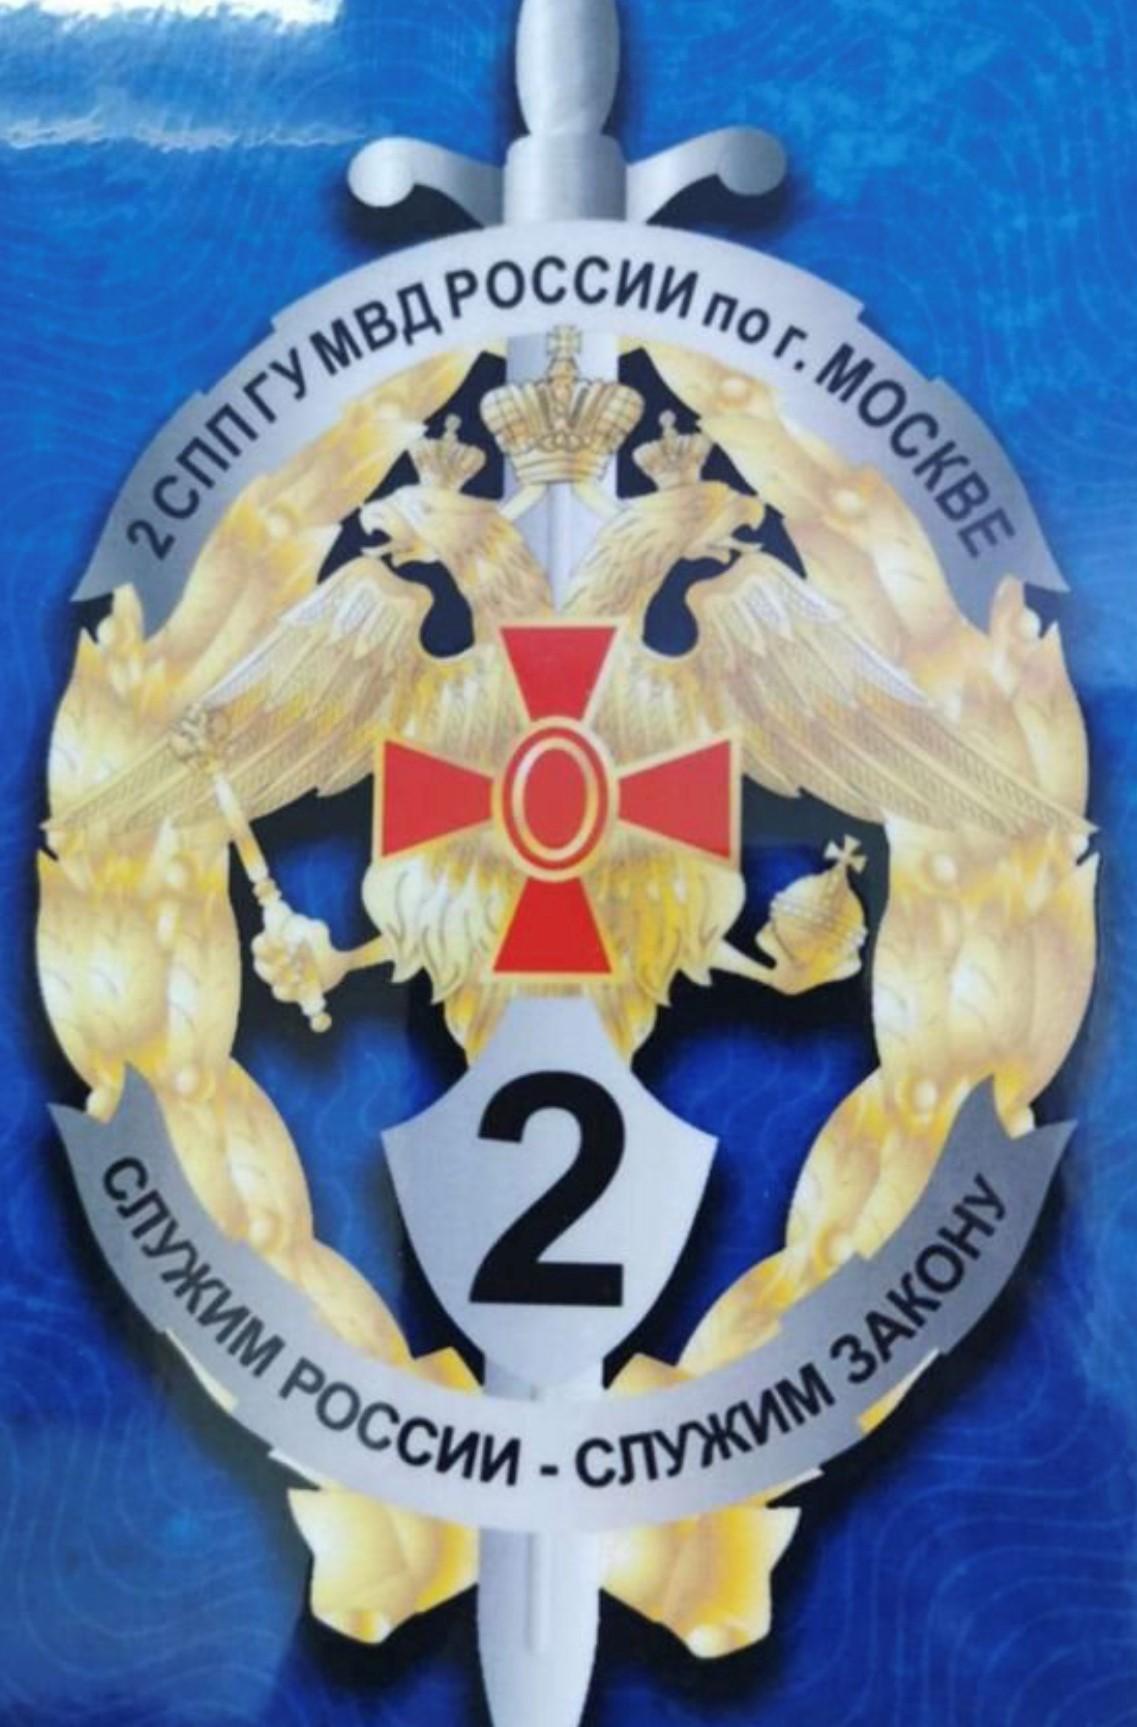 2 СПП ГУ МВД России по г. Москве